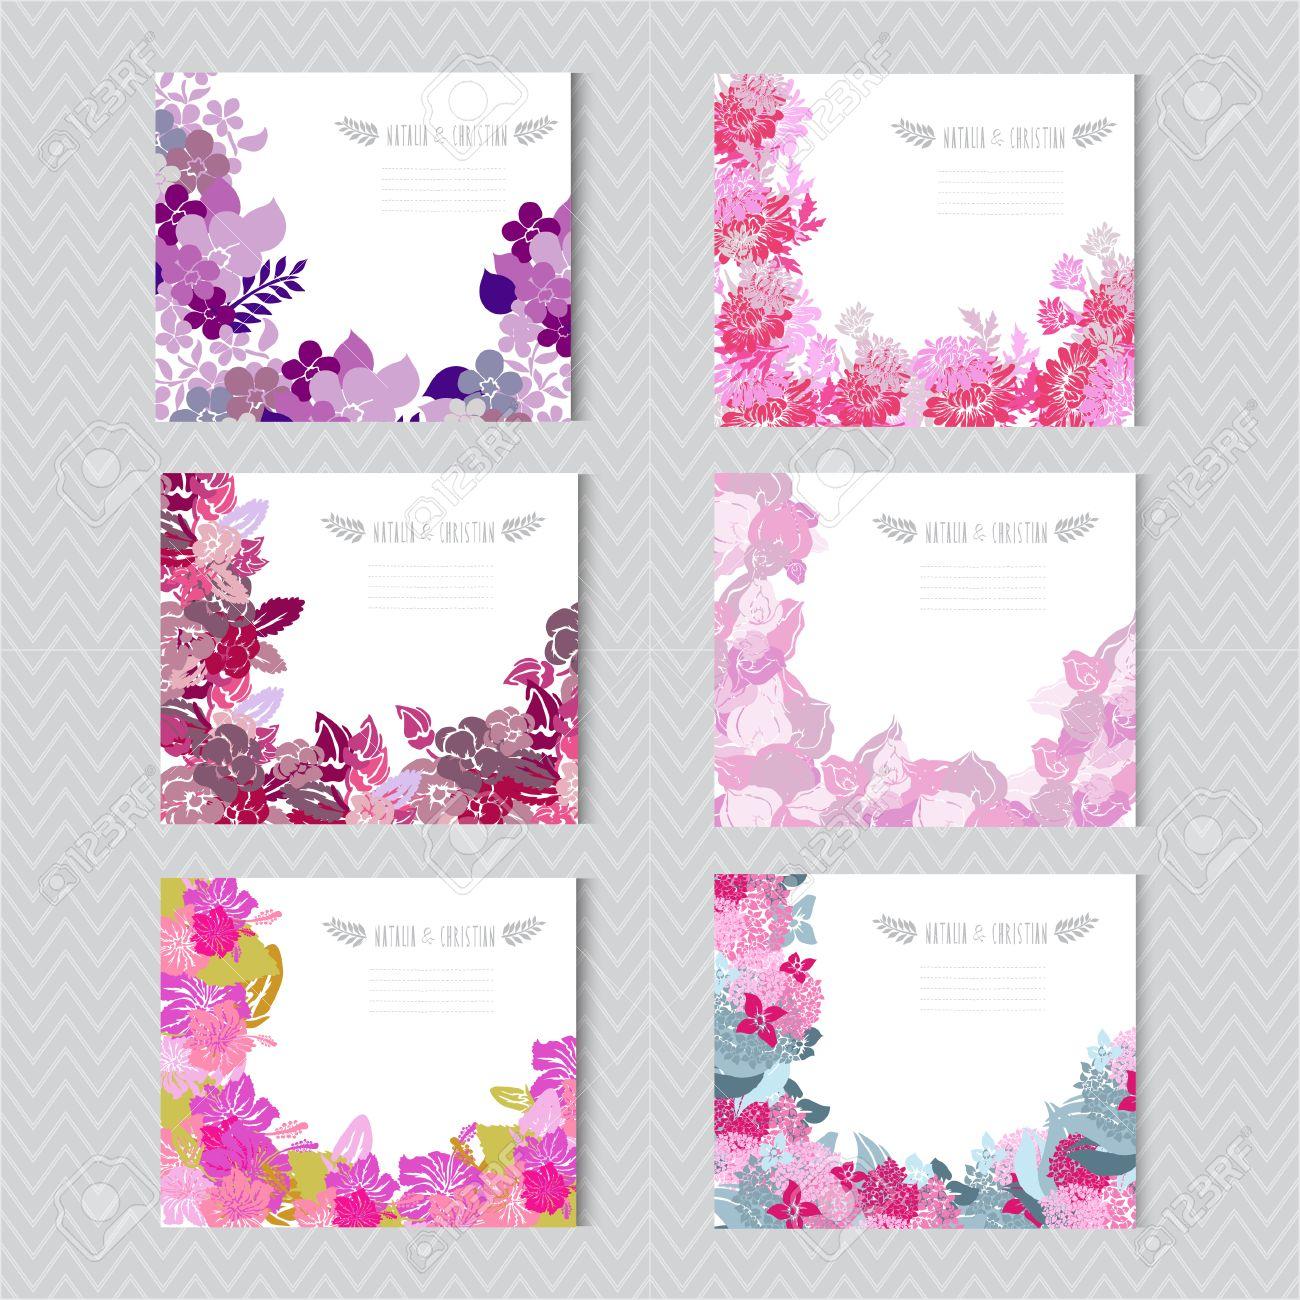 Tarjetas Elegantes Con Flores Decorativas Elementos De Diseño